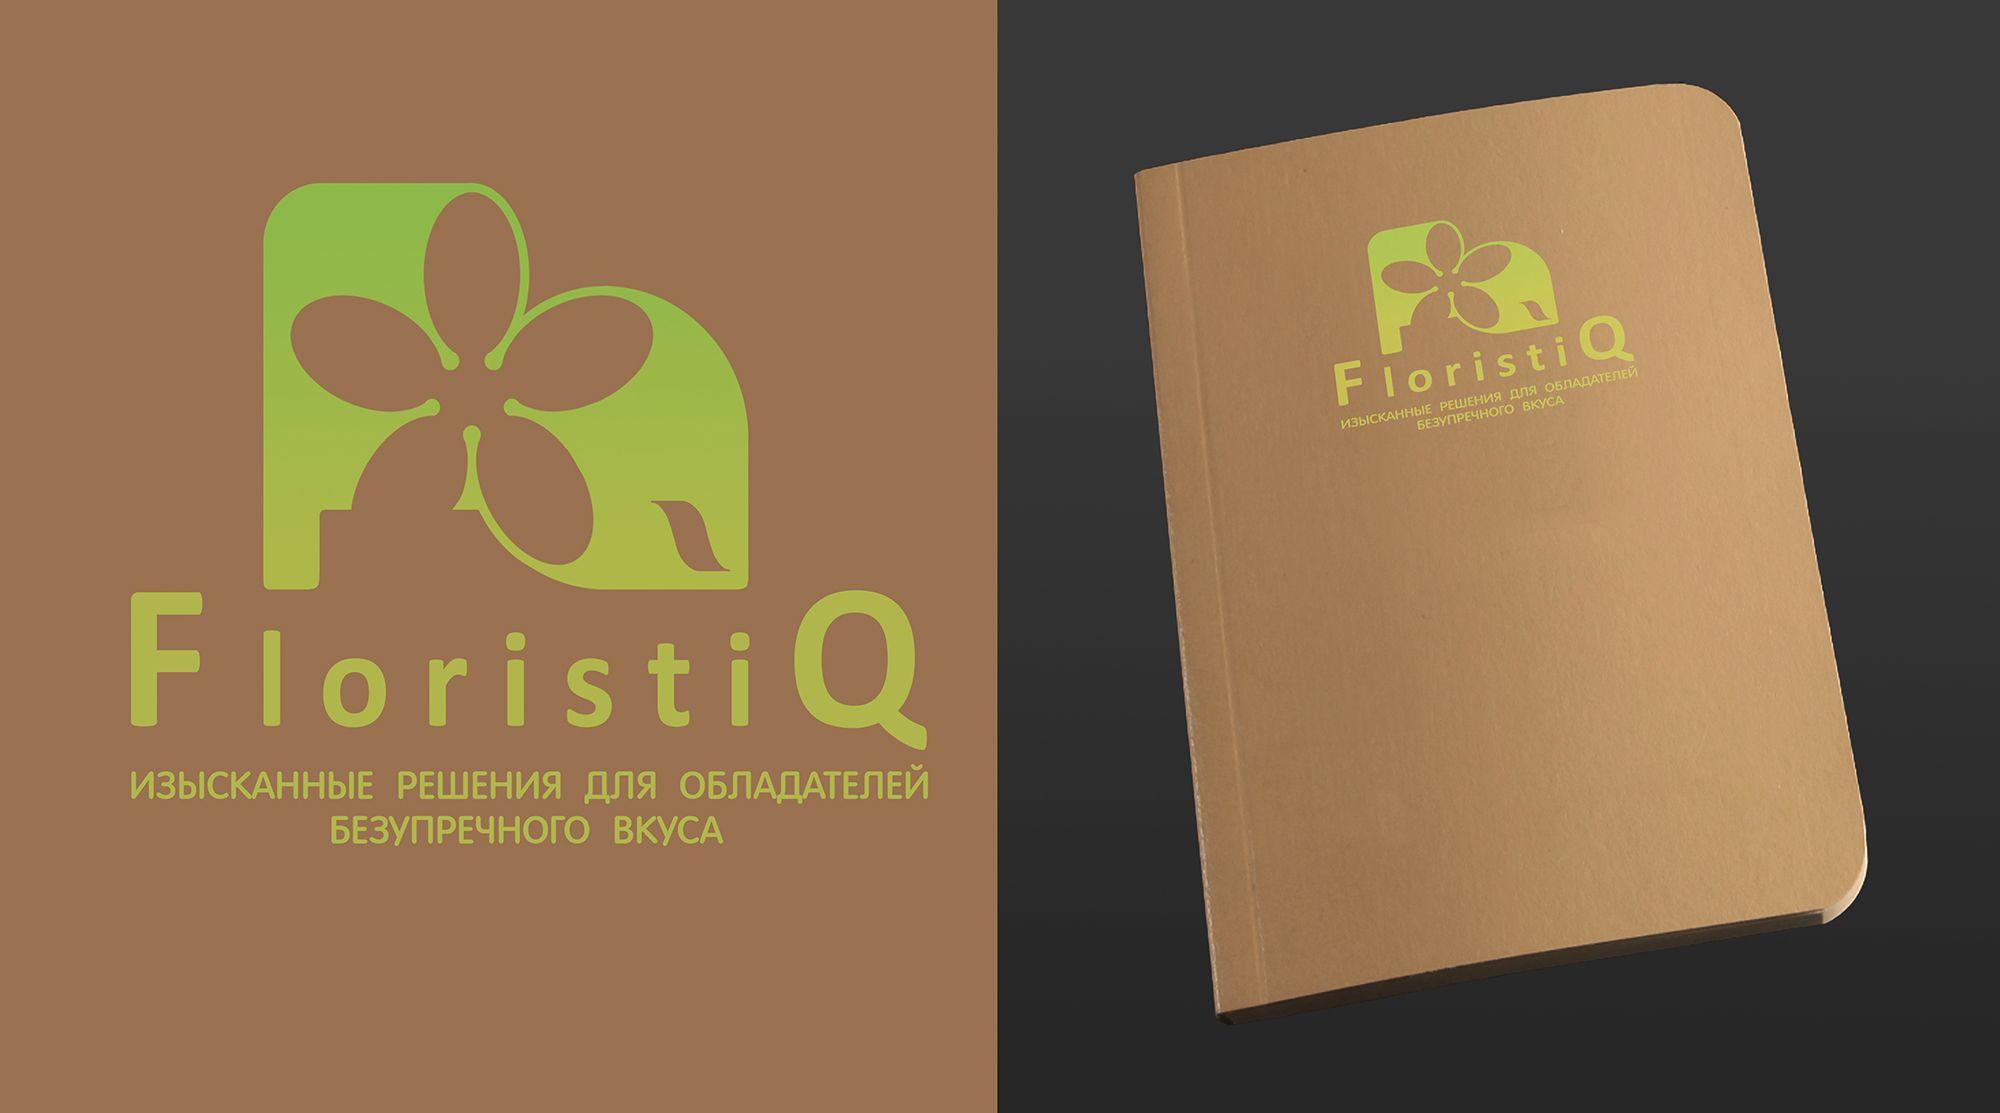 Логотип и фирм. стиль цветочного салона - дизайнер Belkazavr